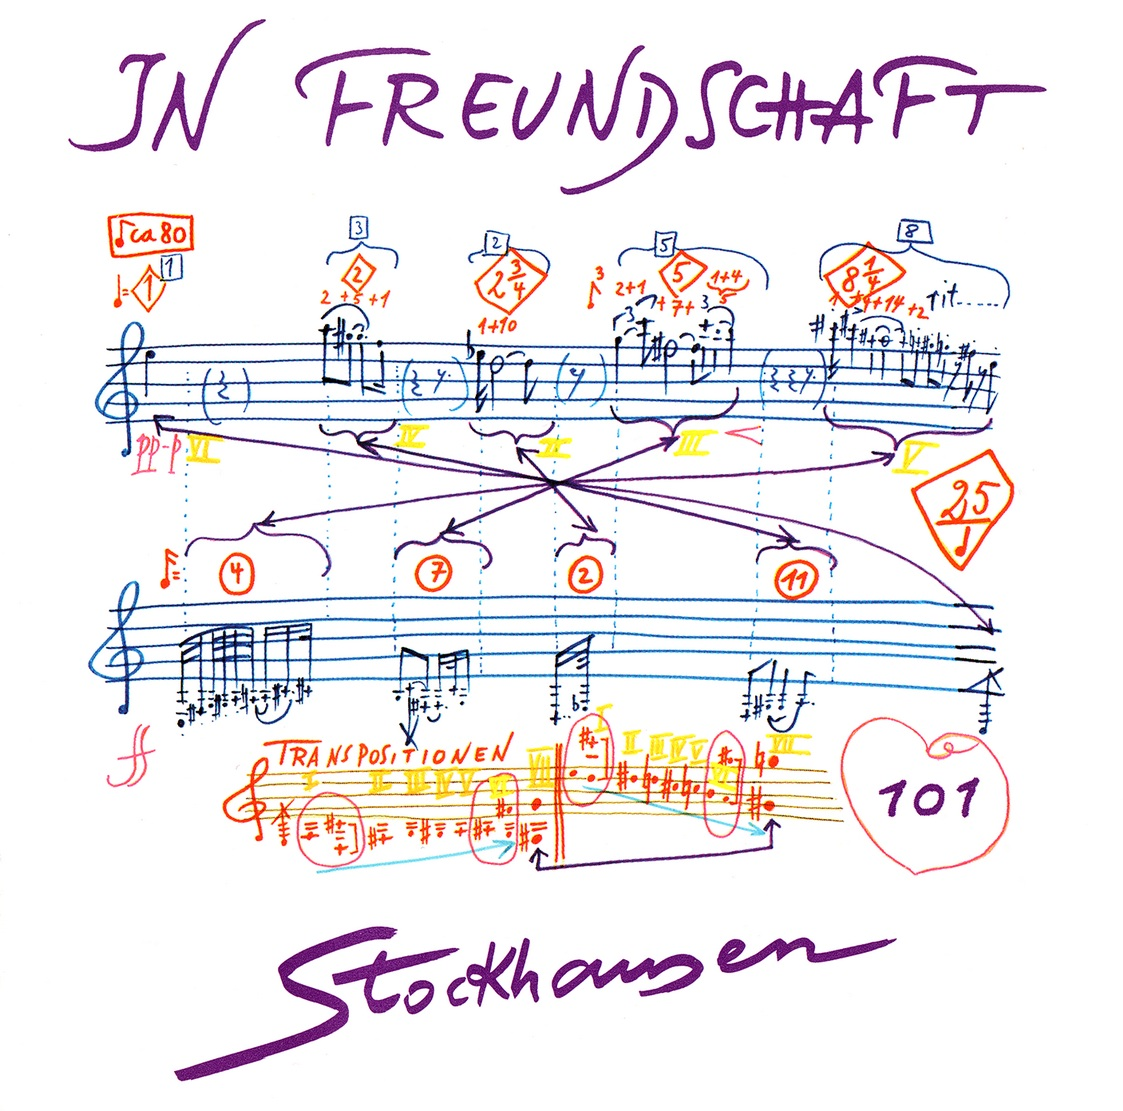 Karlheinz Stockhausen - In Freundschaft für Blockflöte, Fagott, Horn, Kontrabass (2012) {Stockhausen-Verlag No. 101}